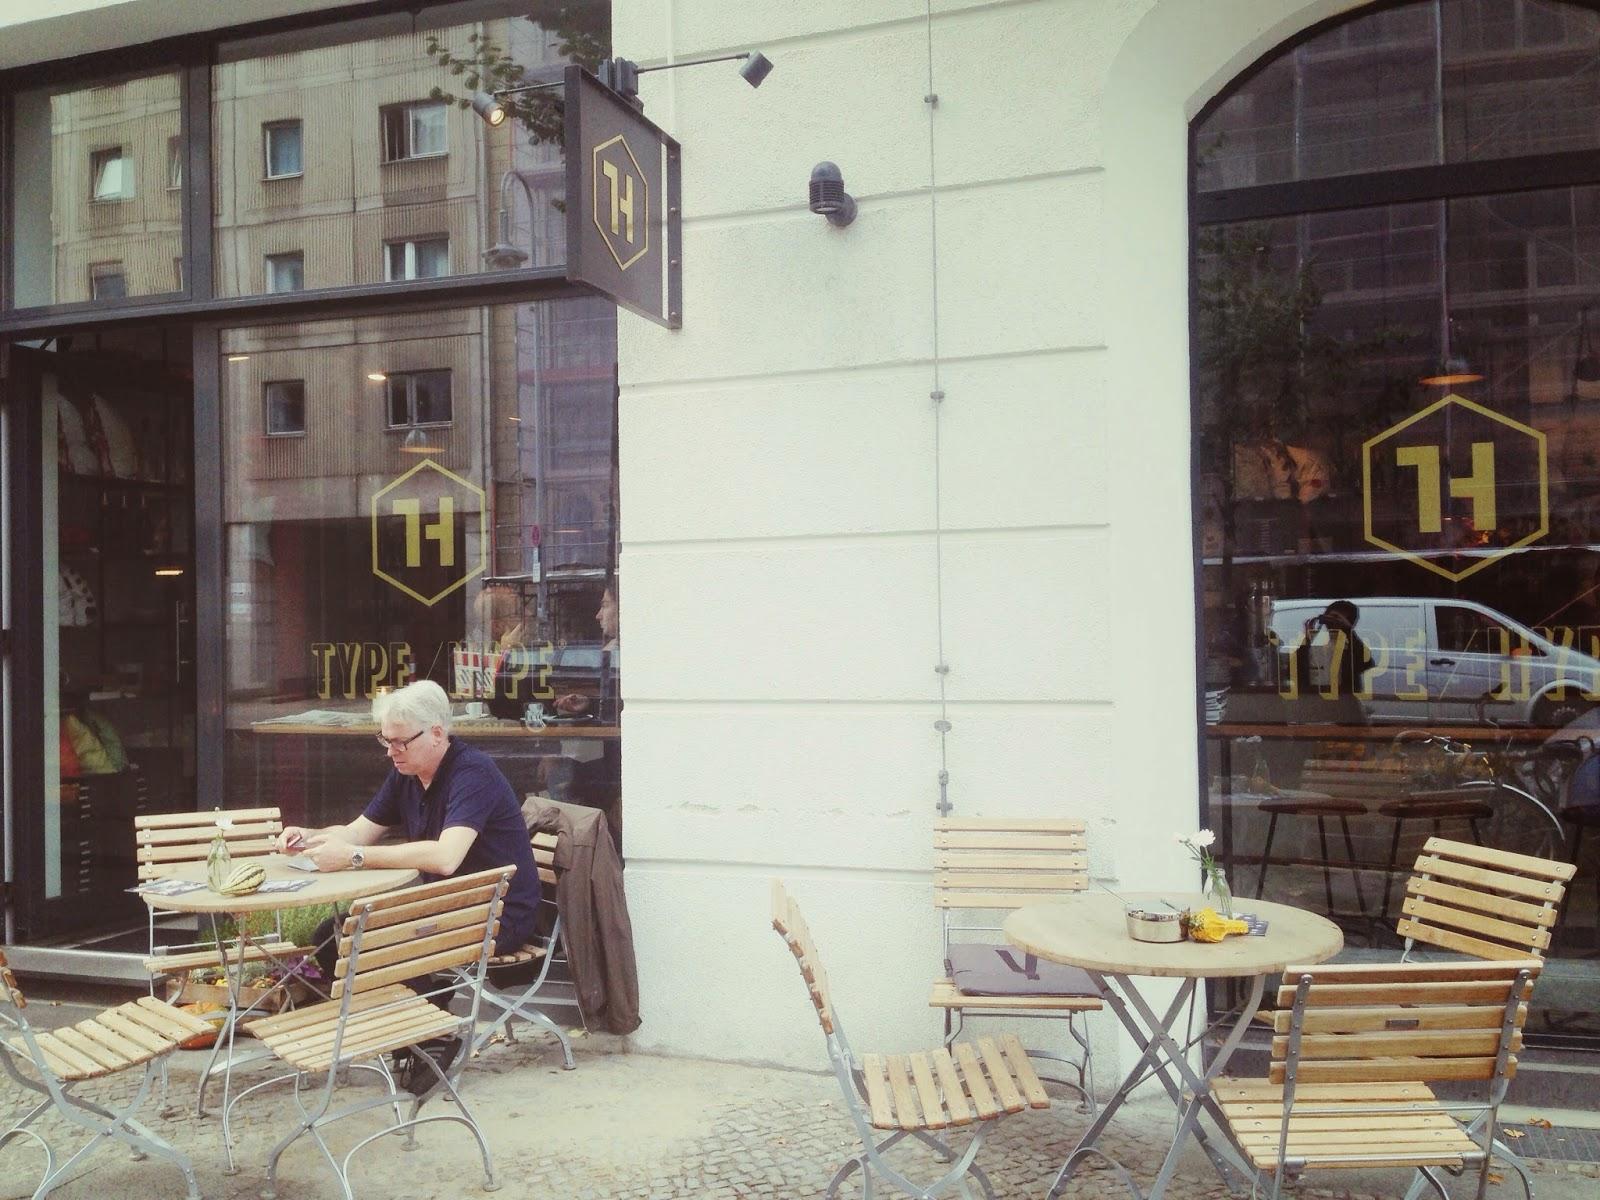 TYPE HYPE BERLIN